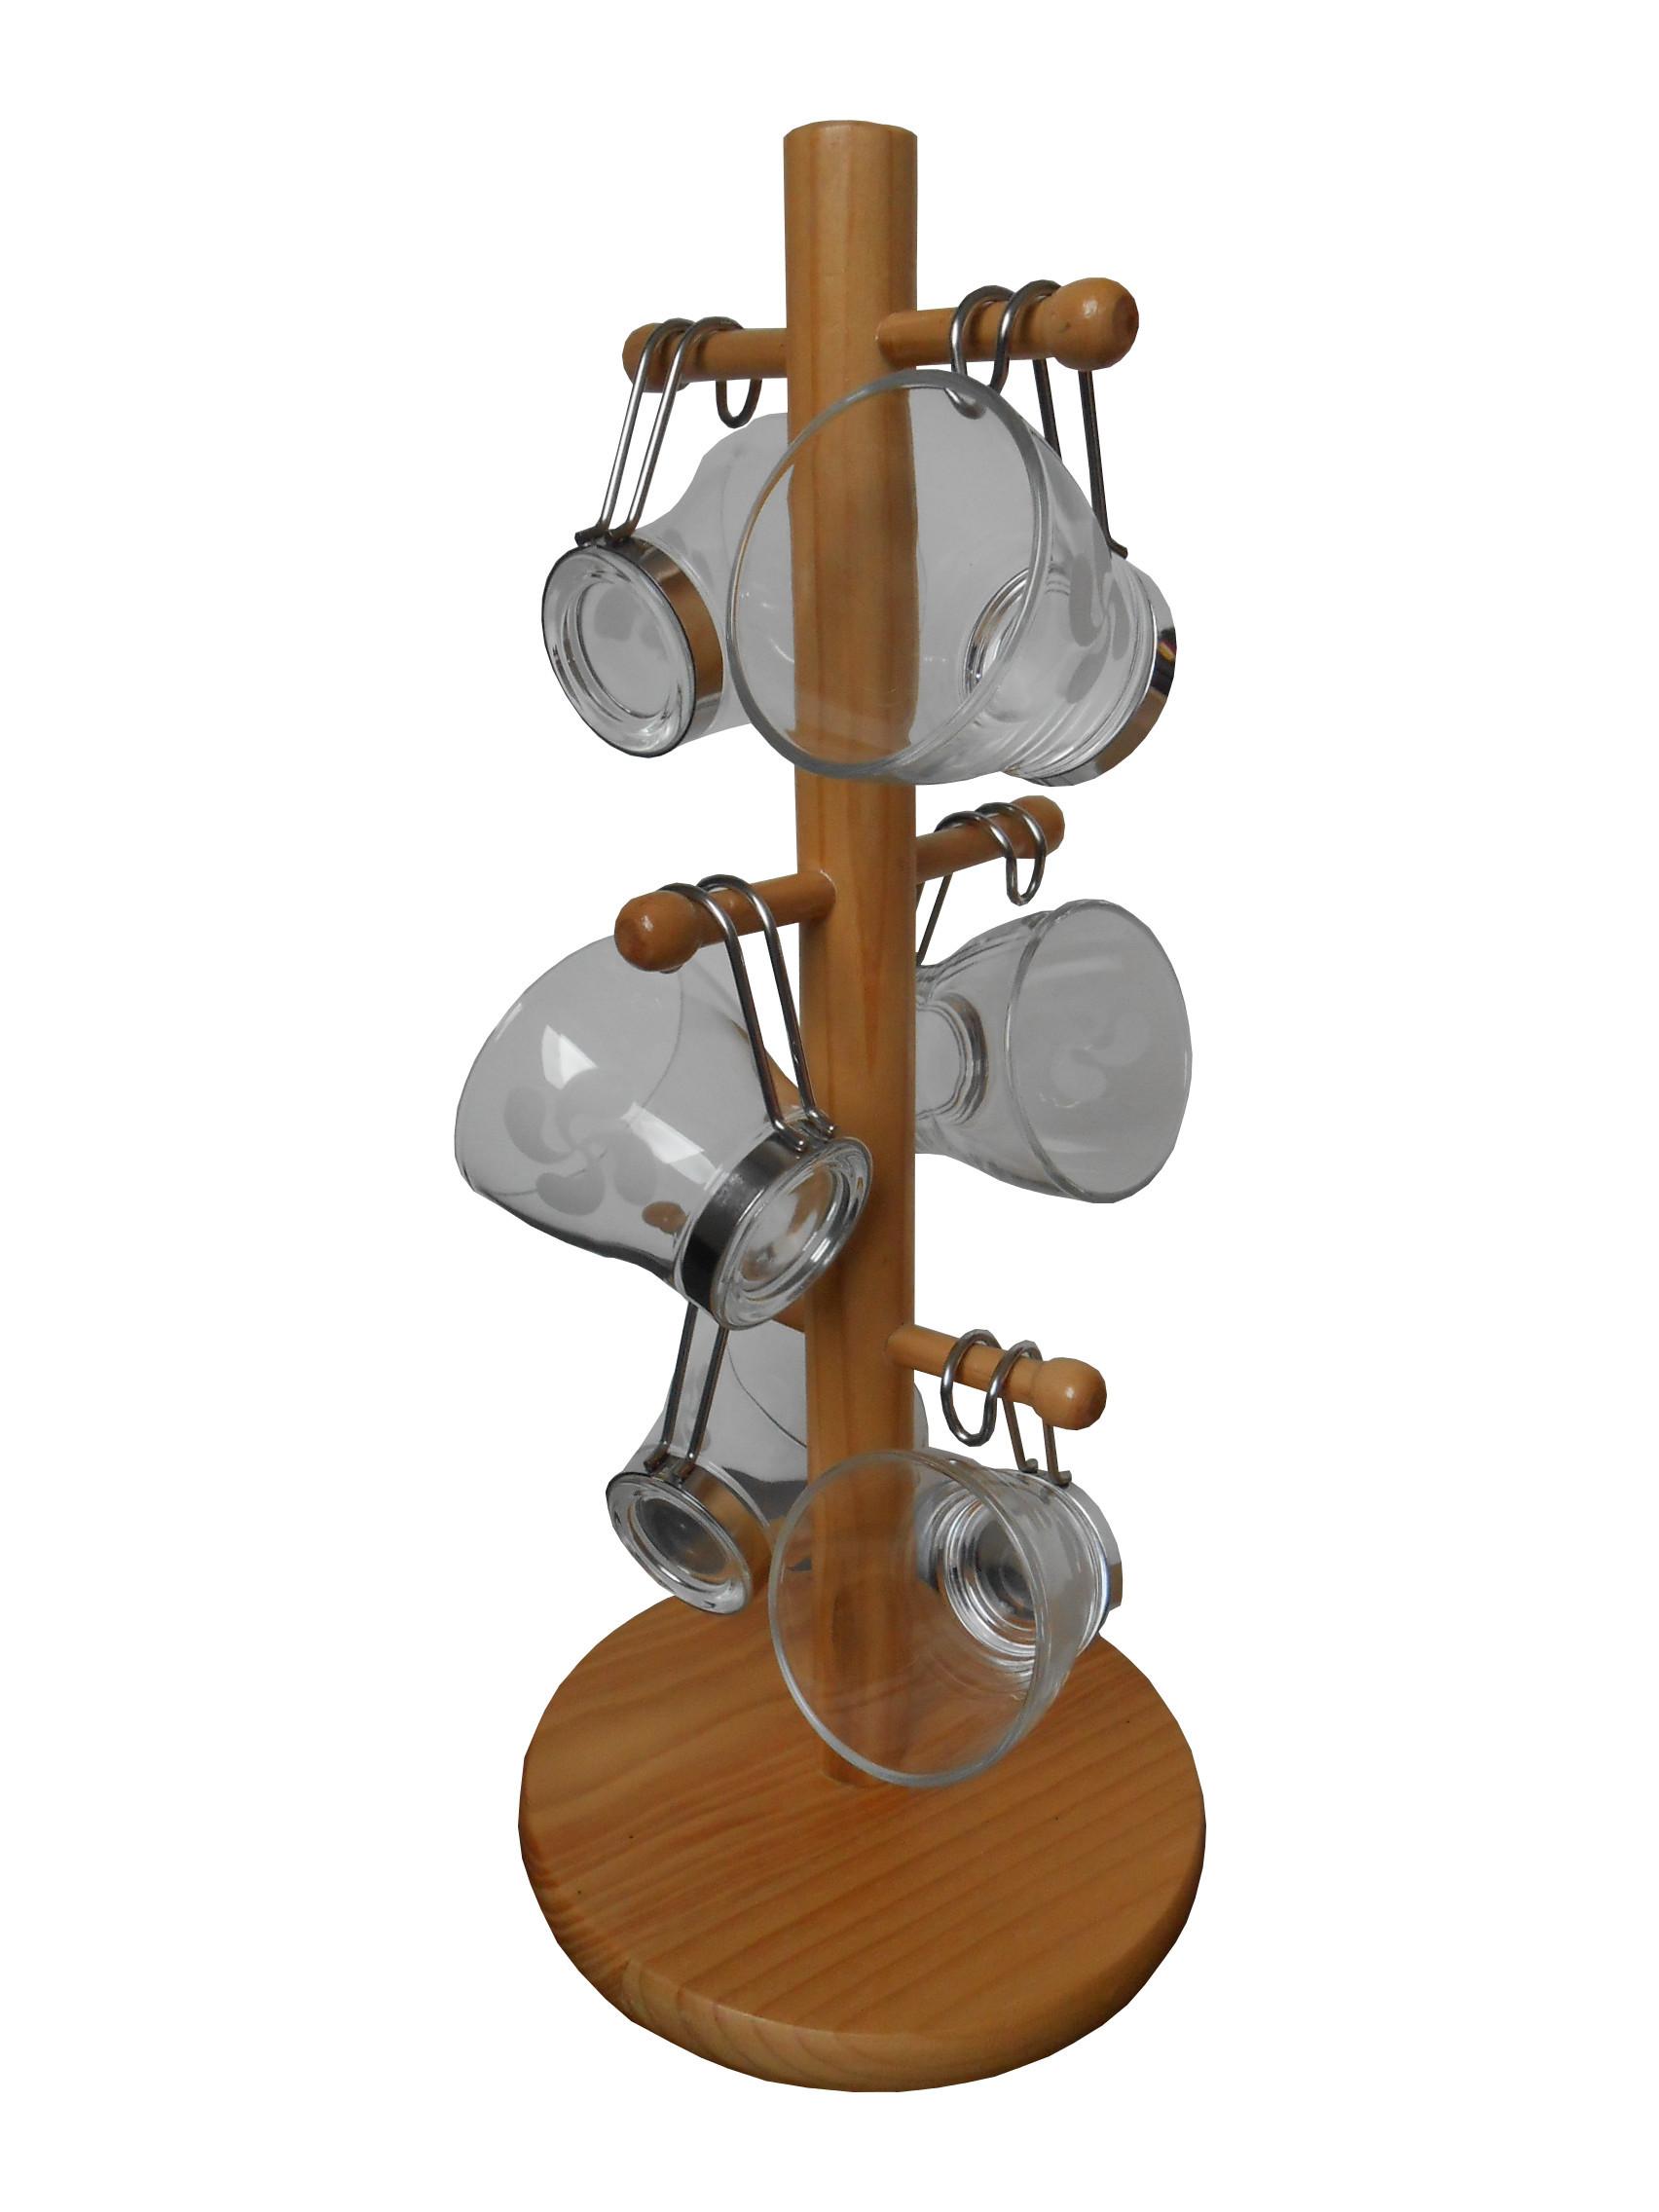 Six tasses à café avec la croix basque gravée sur un présentoir en bois